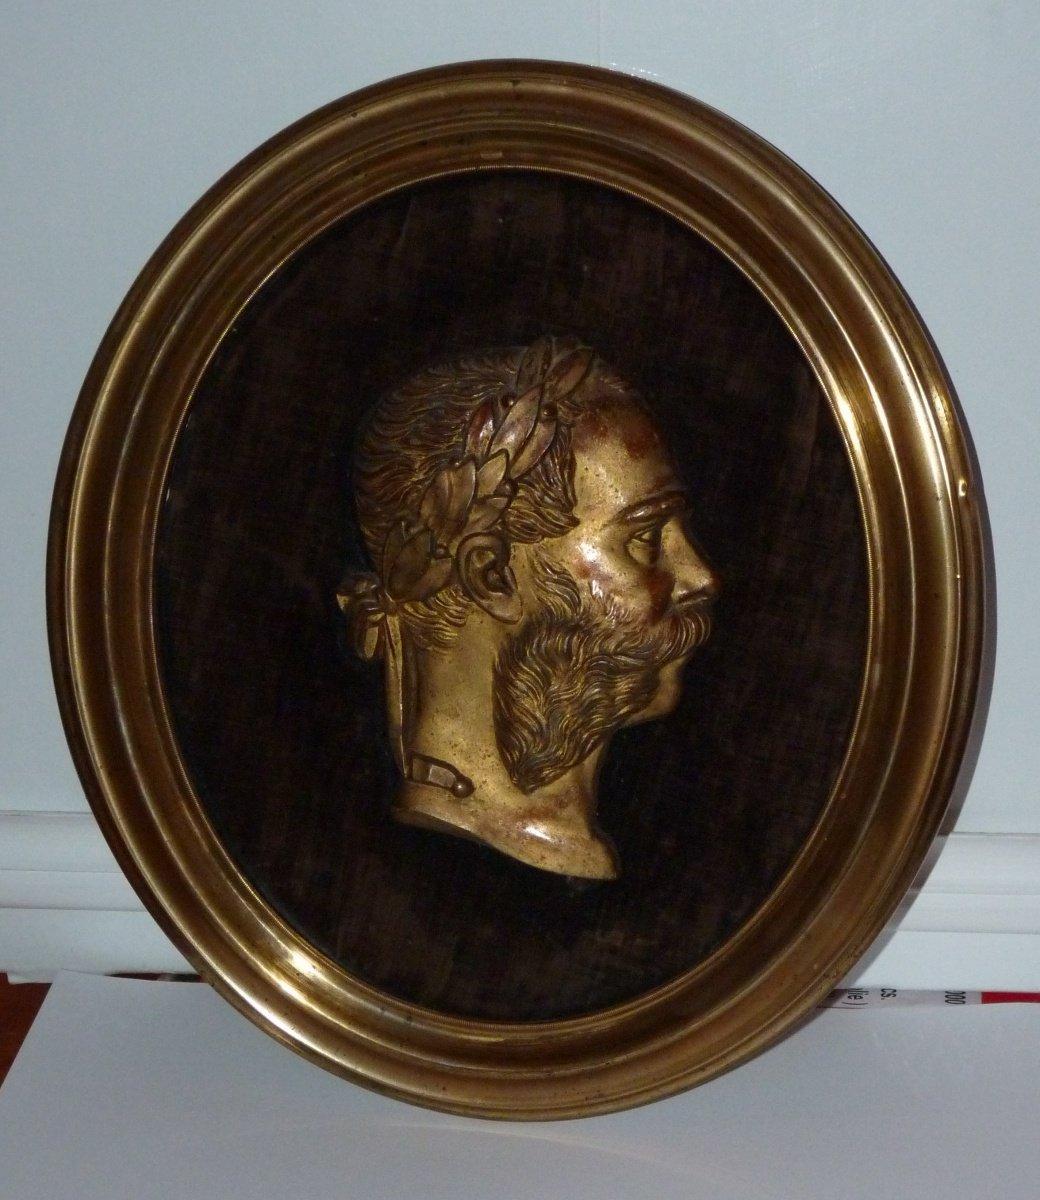 Franz Joseph in oval frame